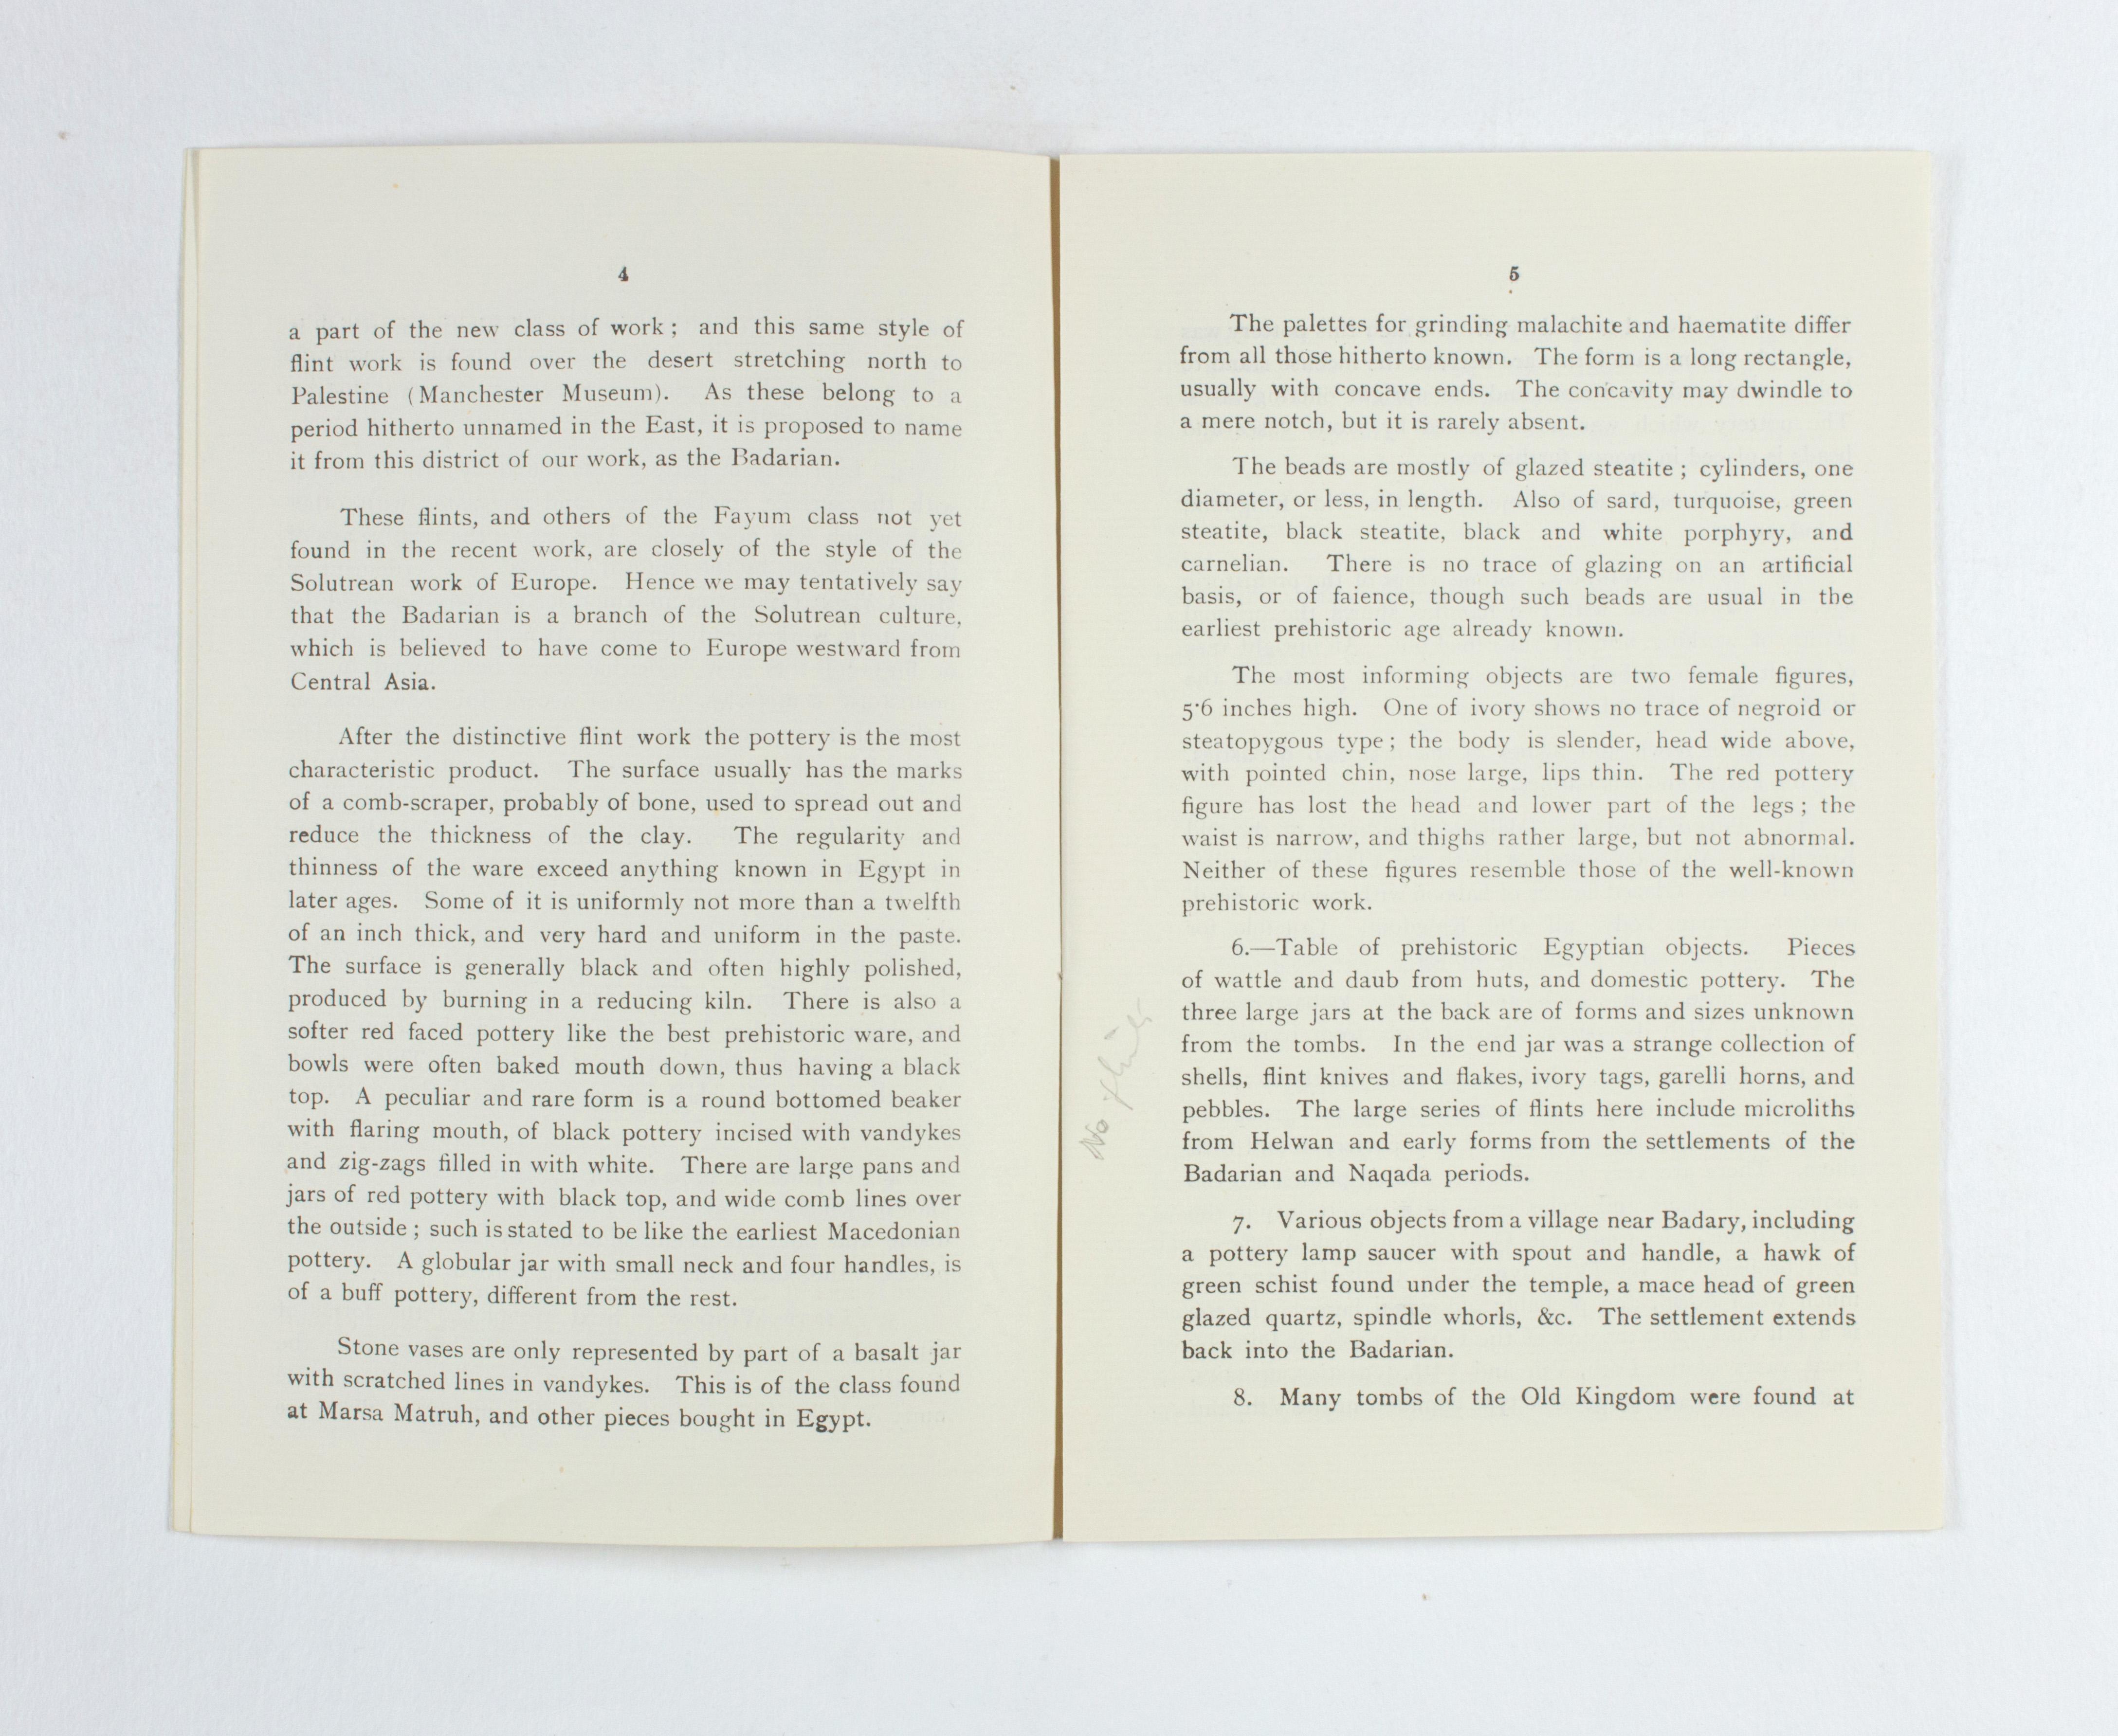 1923-24 Qau el-Kebir, Hemamieh Exhibition catalogue PMA/WFP1/D/27/36.5